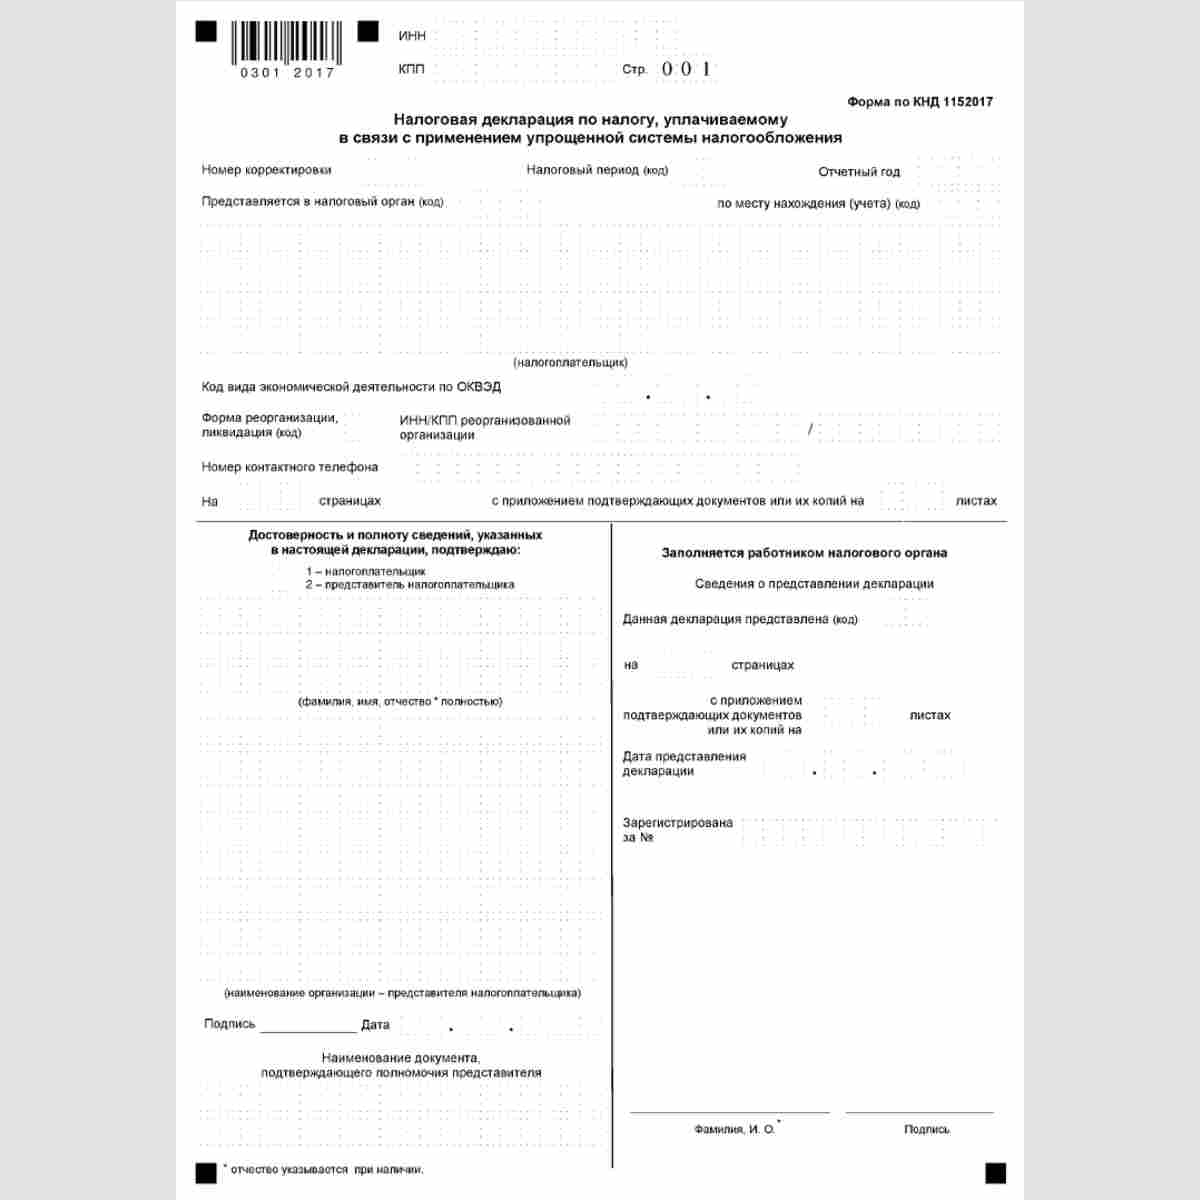 налоговая декларация оквд4за 2016 год бланк